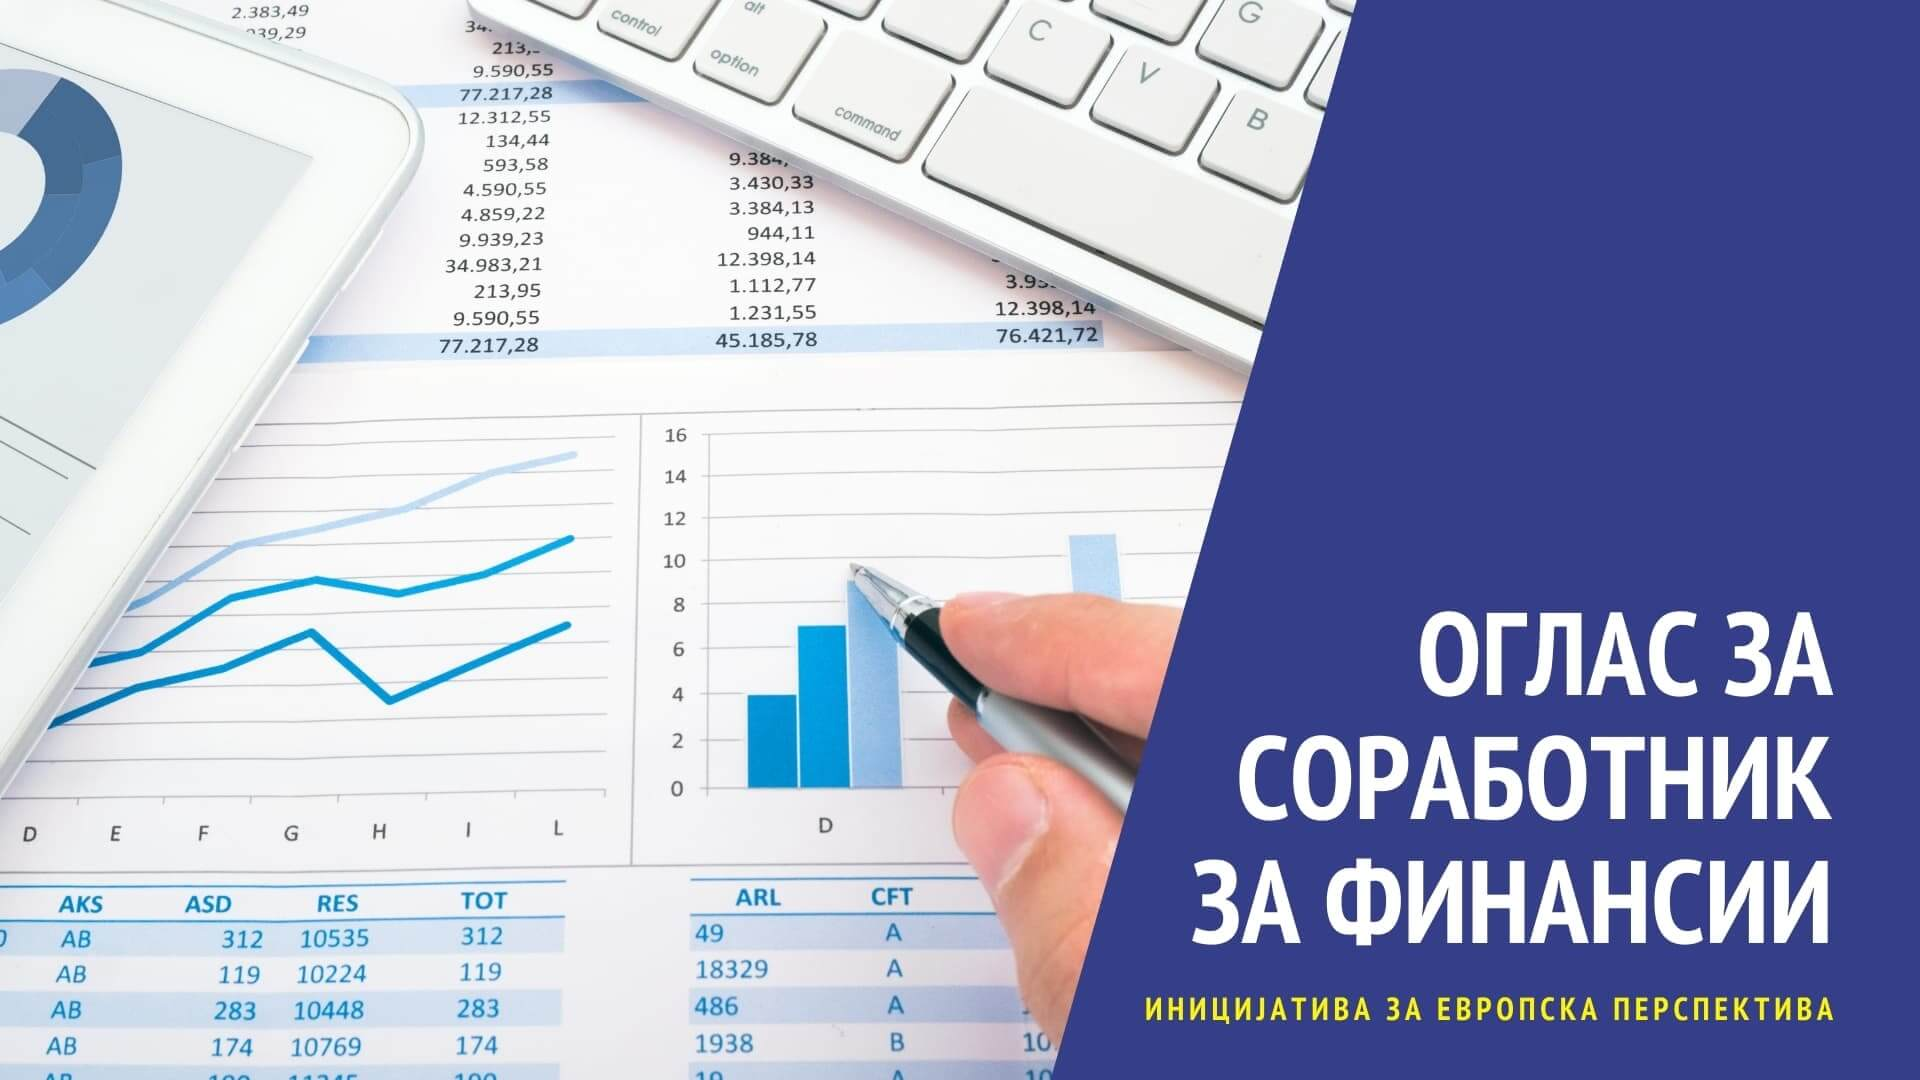 Read more about the article Оглас за соработник за финансии